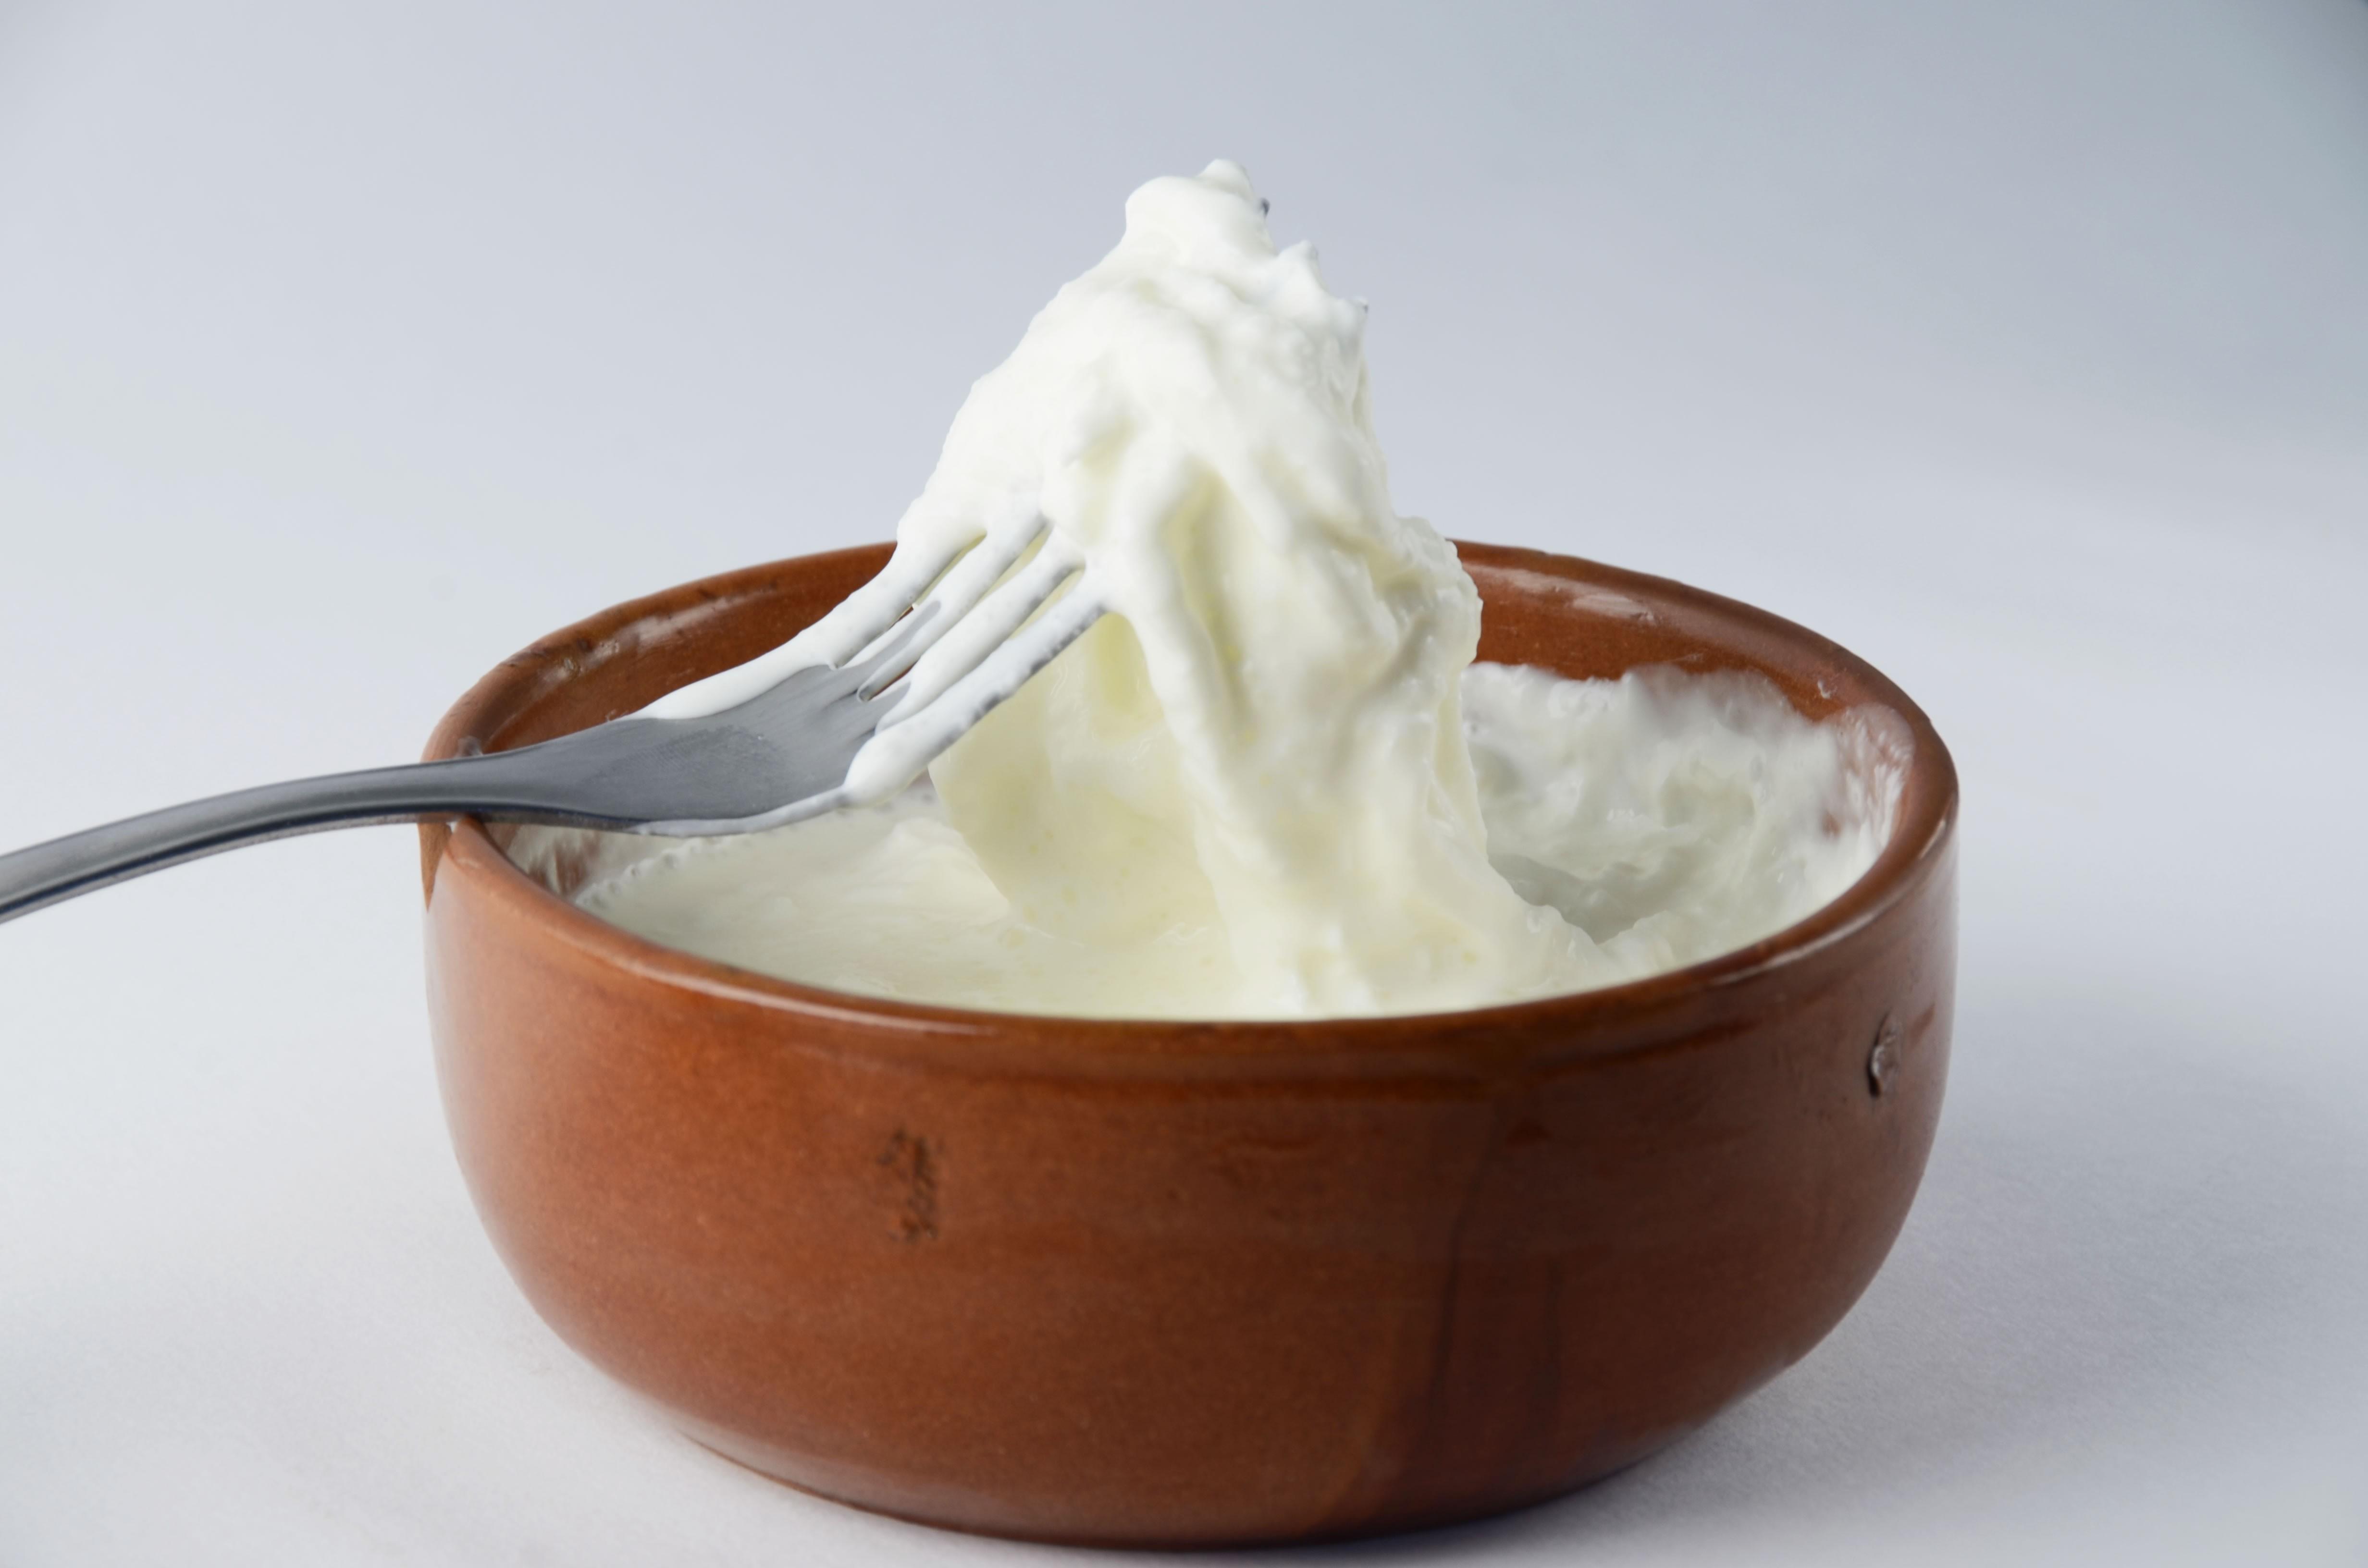 Страчателла (stracciatella) — состав, калорийность сыра, польза, вред, вино к сыру — cheezu.ru